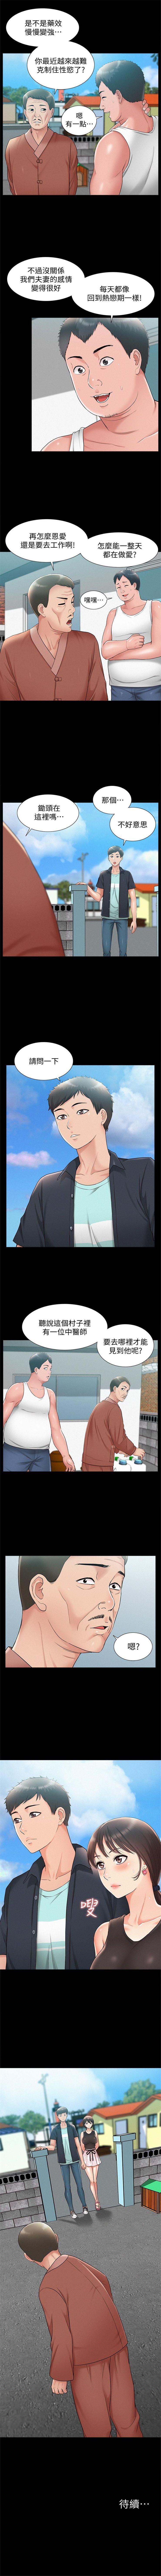 (周4)难言之隐 1-20 中文翻译(更新中) 91